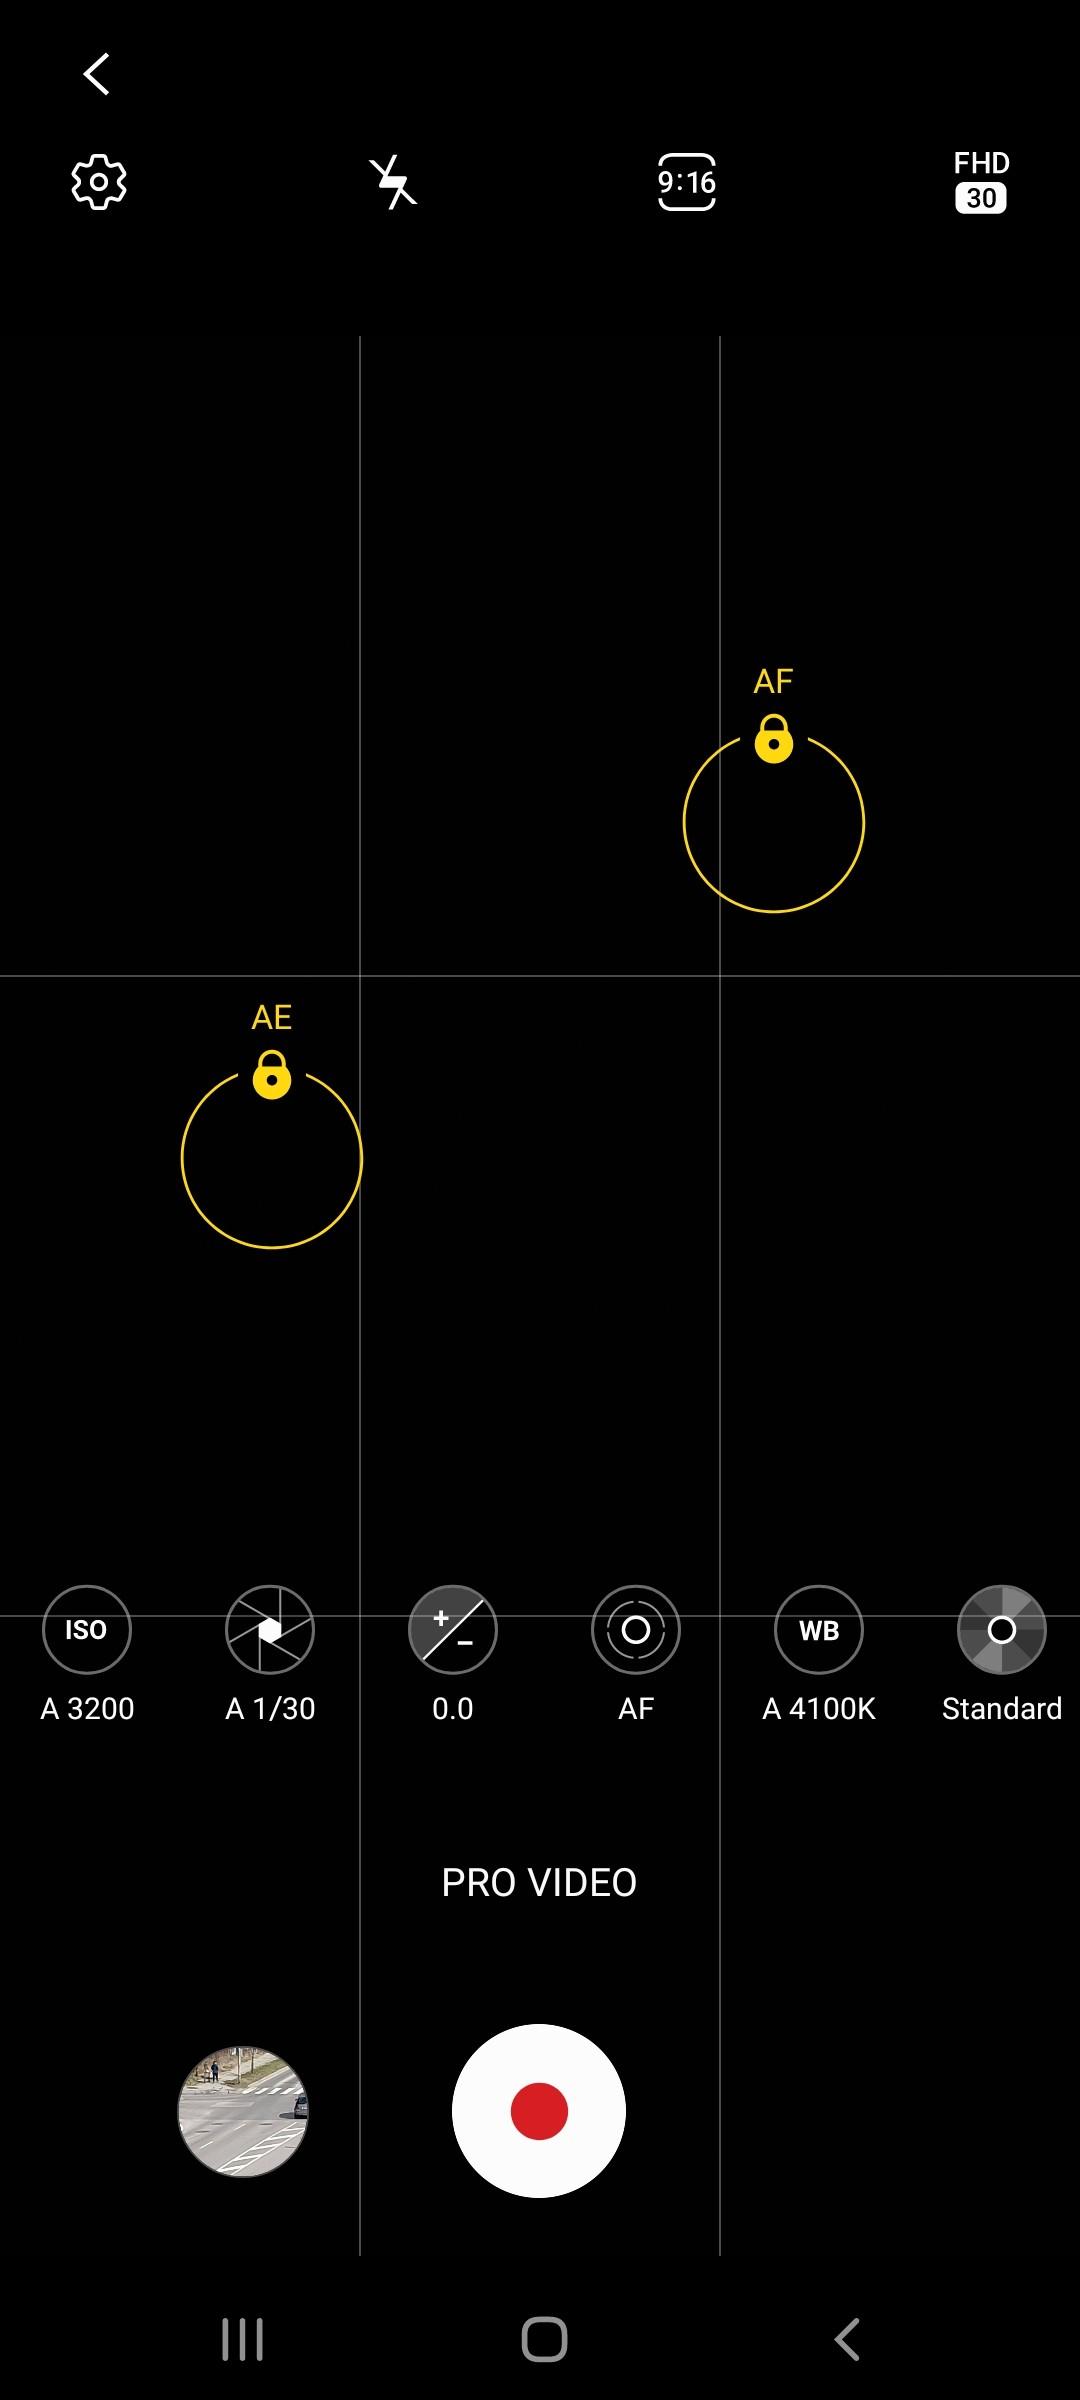 بررسی کامل و تخصصی گوشی گلکسی A52 سامسونگ: عالی برای همگان